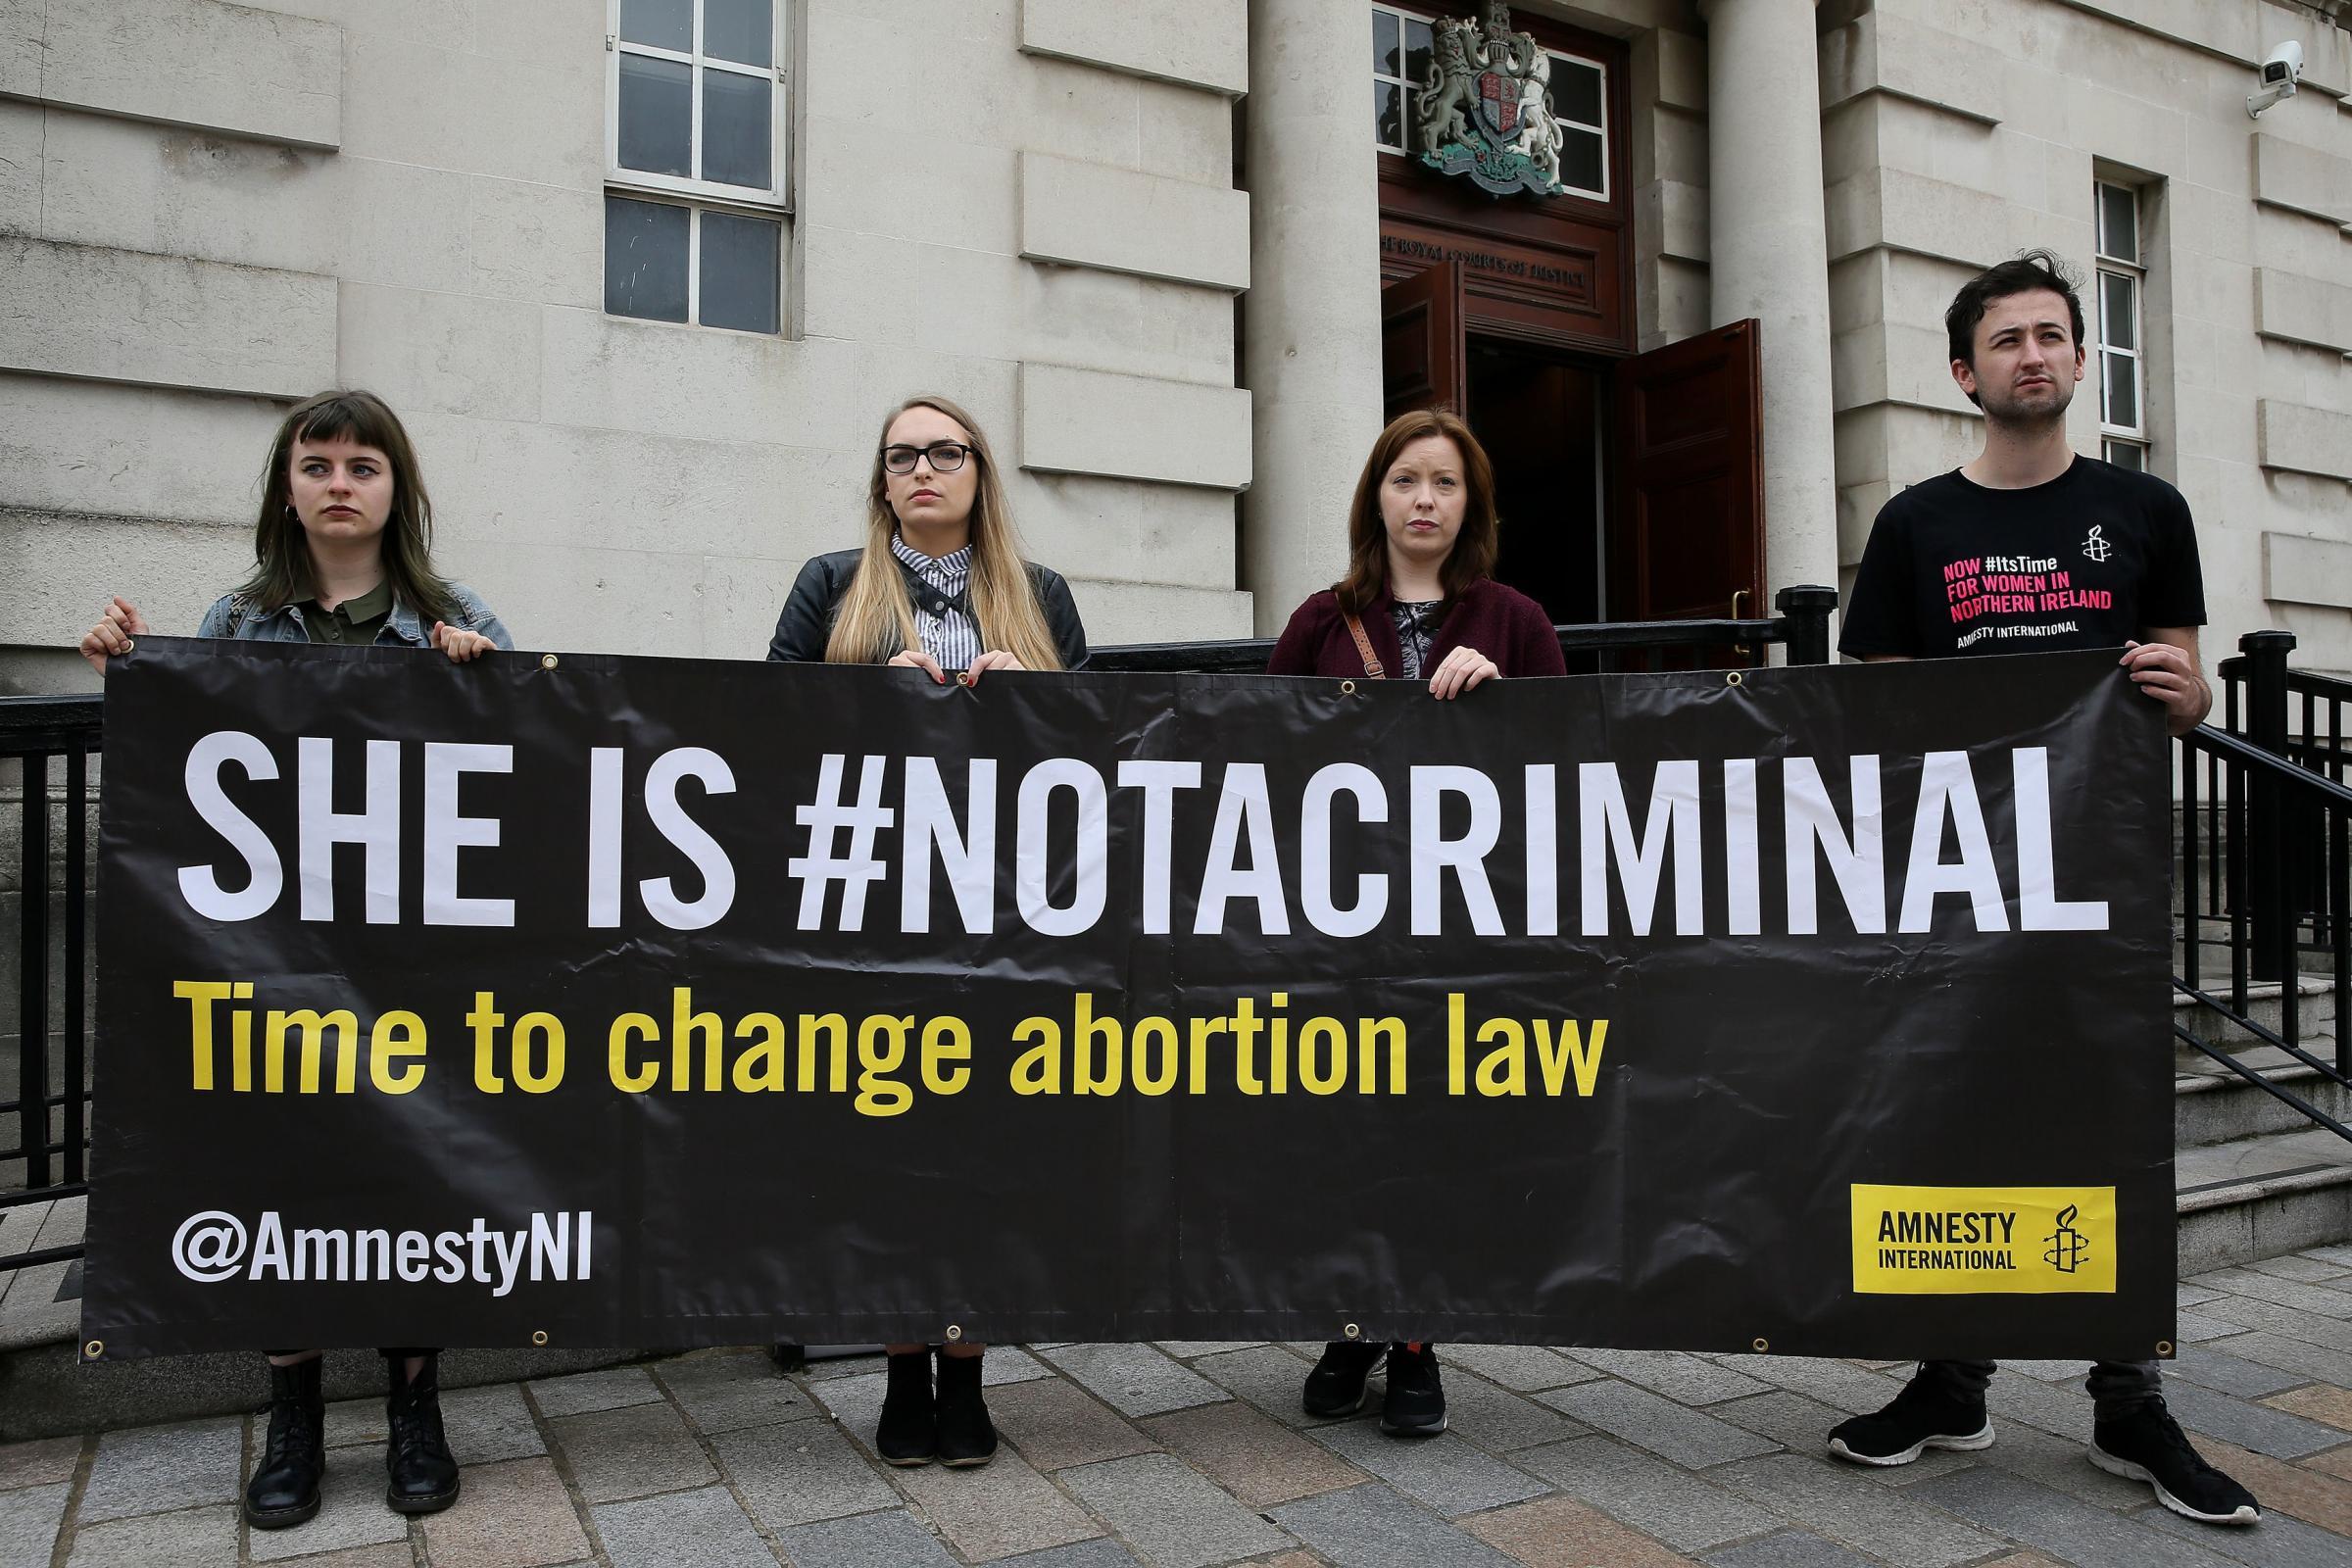 对获得堕胎药的母亲的*提出质疑